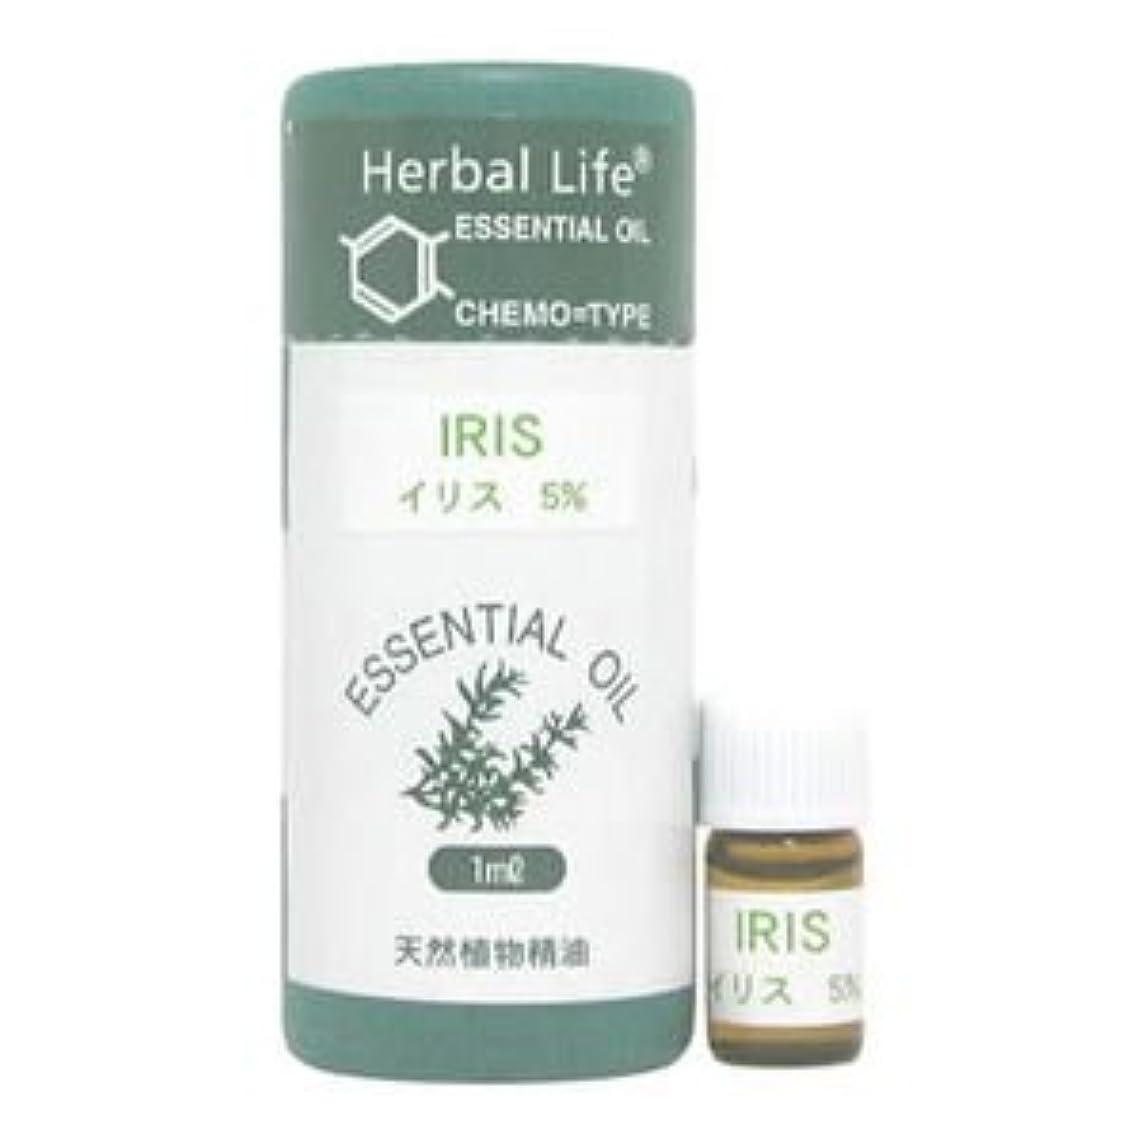 オッズ呼びかける裁判官Herbal Life イリス(5%希釈液) 1ml